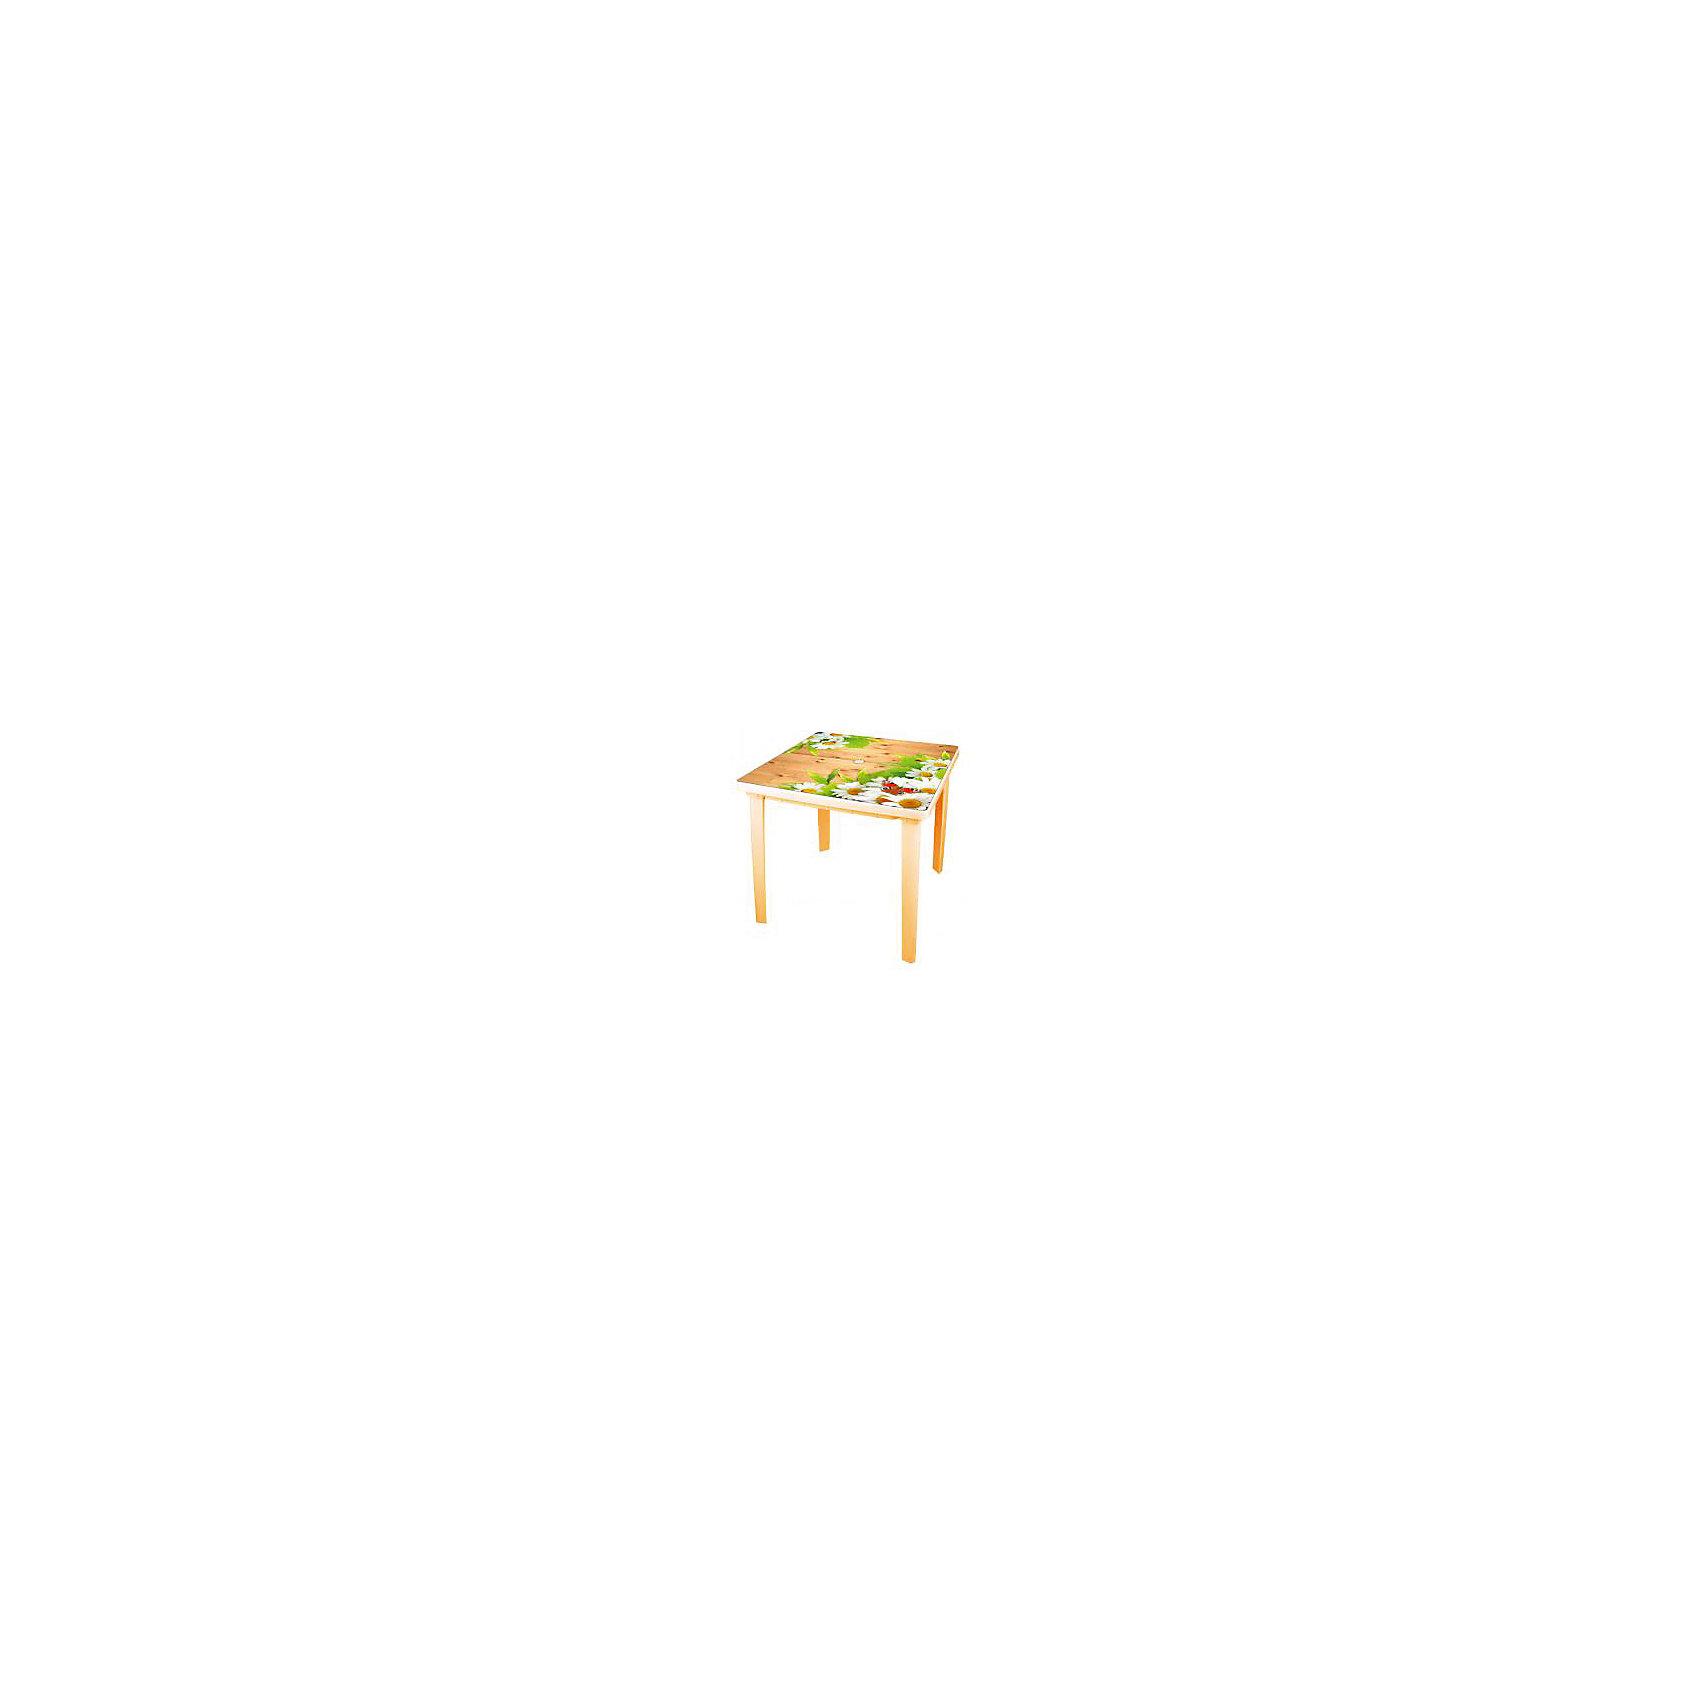 Стол Летний день квадр.800х800х740, Alternativa, бежевыйСтол Летний день квадр.800х800х740, Alternativa (Альтернатива), бежевый<br><br>Характеристики:<br><br>• яркий узор на поверхности<br>• цвет: бежевый<br>• размер: 80х80х74 см<br>• материал: полипропилен<br>• вес: 4,594 кг<br><br>Стол Летний день изготовлен из качественного полипропилена, обладающего высокой прочностью и износостойкостью. На поверхности стола - яркий узор с ромашками и бабочкой. Этот рисунок прекрасно оживит интерьер любого помещения. Стол устойчив и легко моется. <br><br>Стол Летний день квадр.800х800х740, Alternativa (Альтернатива), бежевый можно купить в нашем интернет-магазине.<br><br>Ширина мм: 800<br>Глубина мм: 800<br>Высота мм: 740<br>Вес г: 4594<br>Возраст от месяцев: 216<br>Возраст до месяцев: 1188<br>Пол: Унисекс<br>Возраст: Детский<br>SKU: 5475670